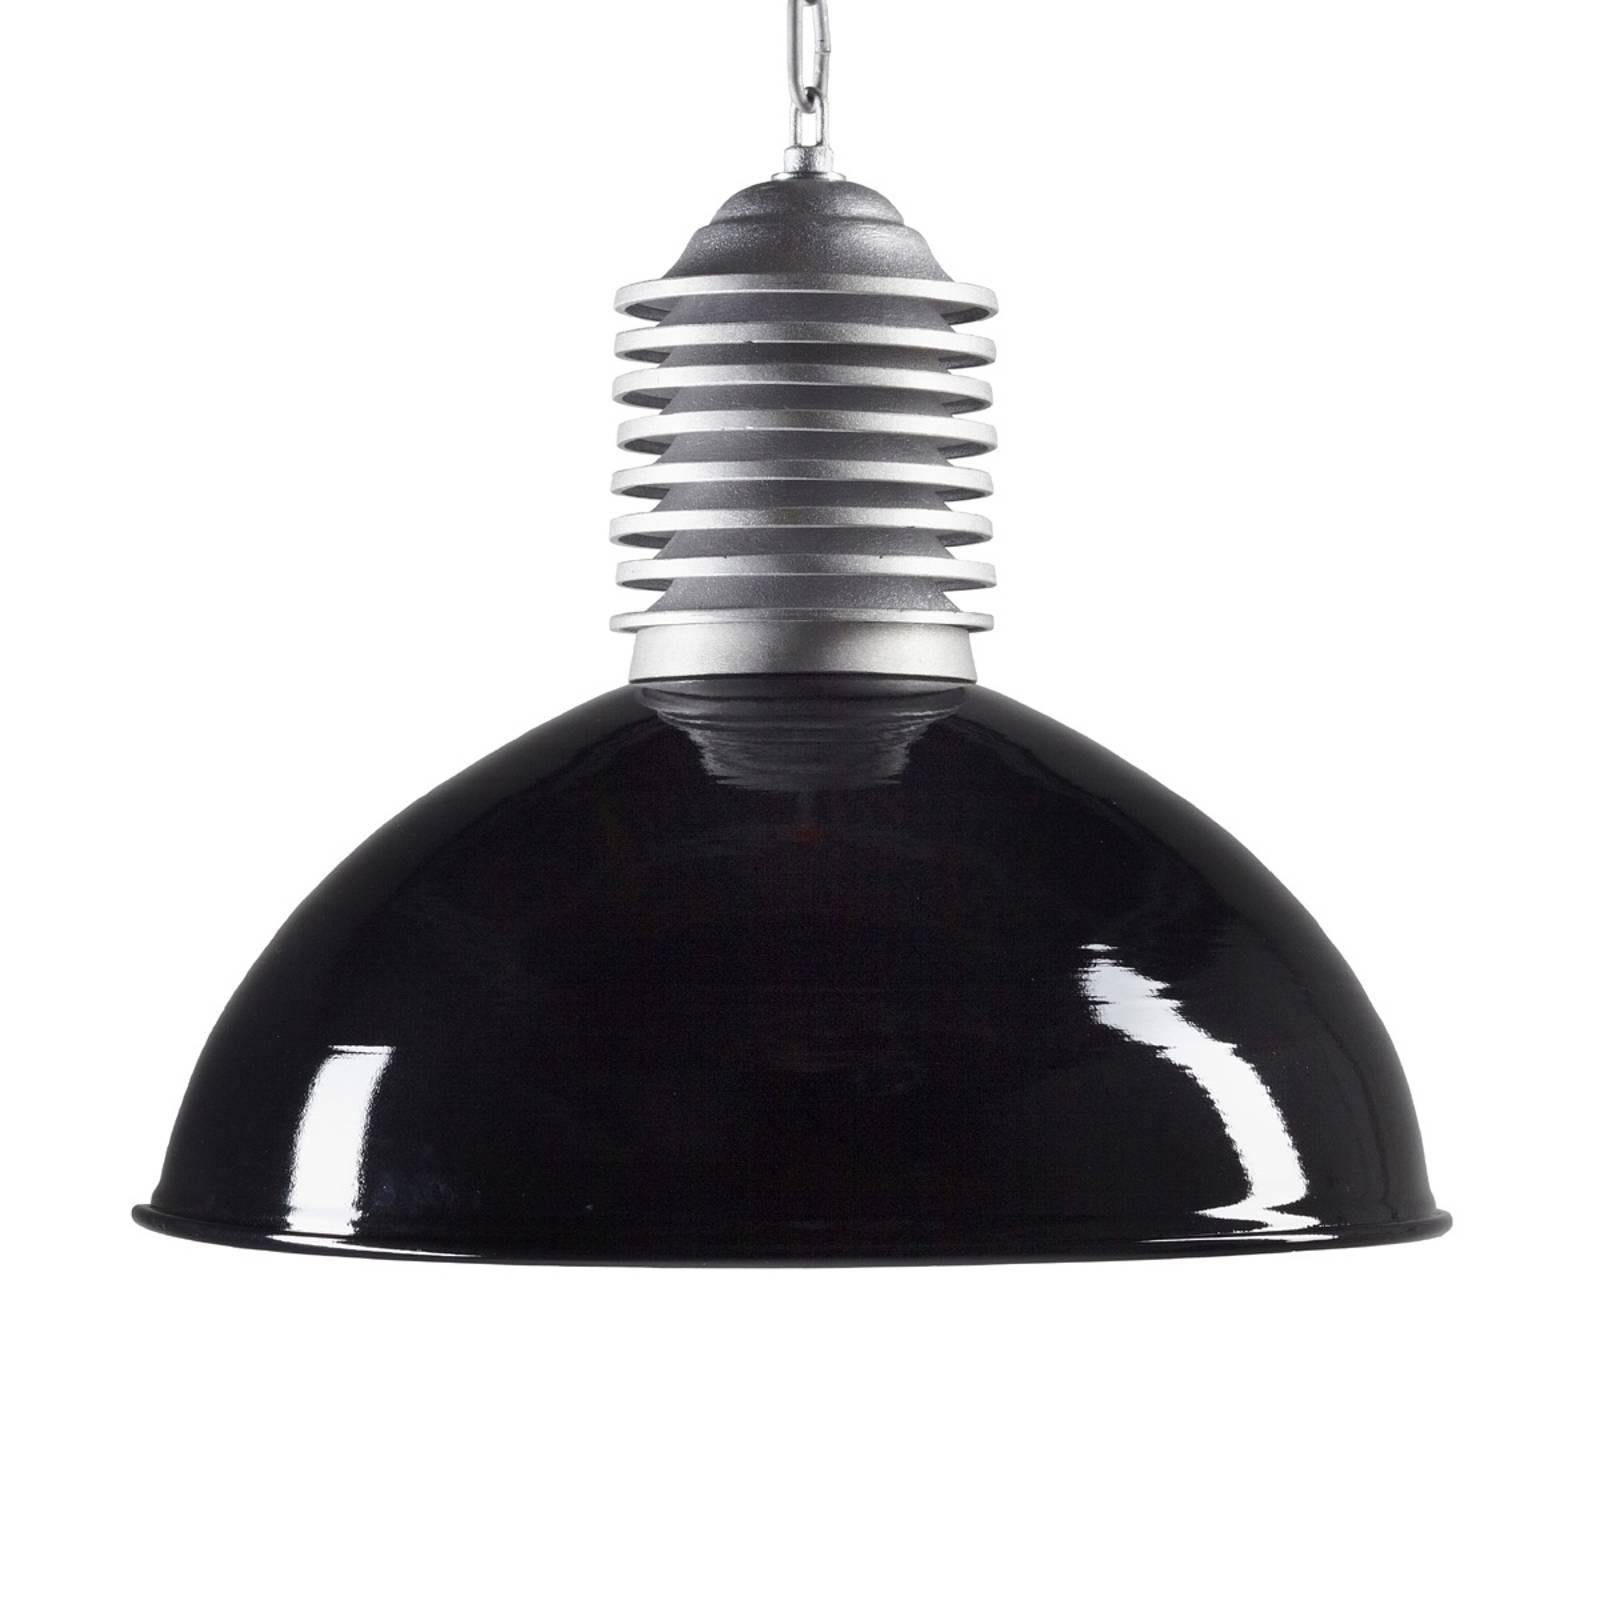 Lampa wisząca zewnętrzna Carla aluminium-czarny